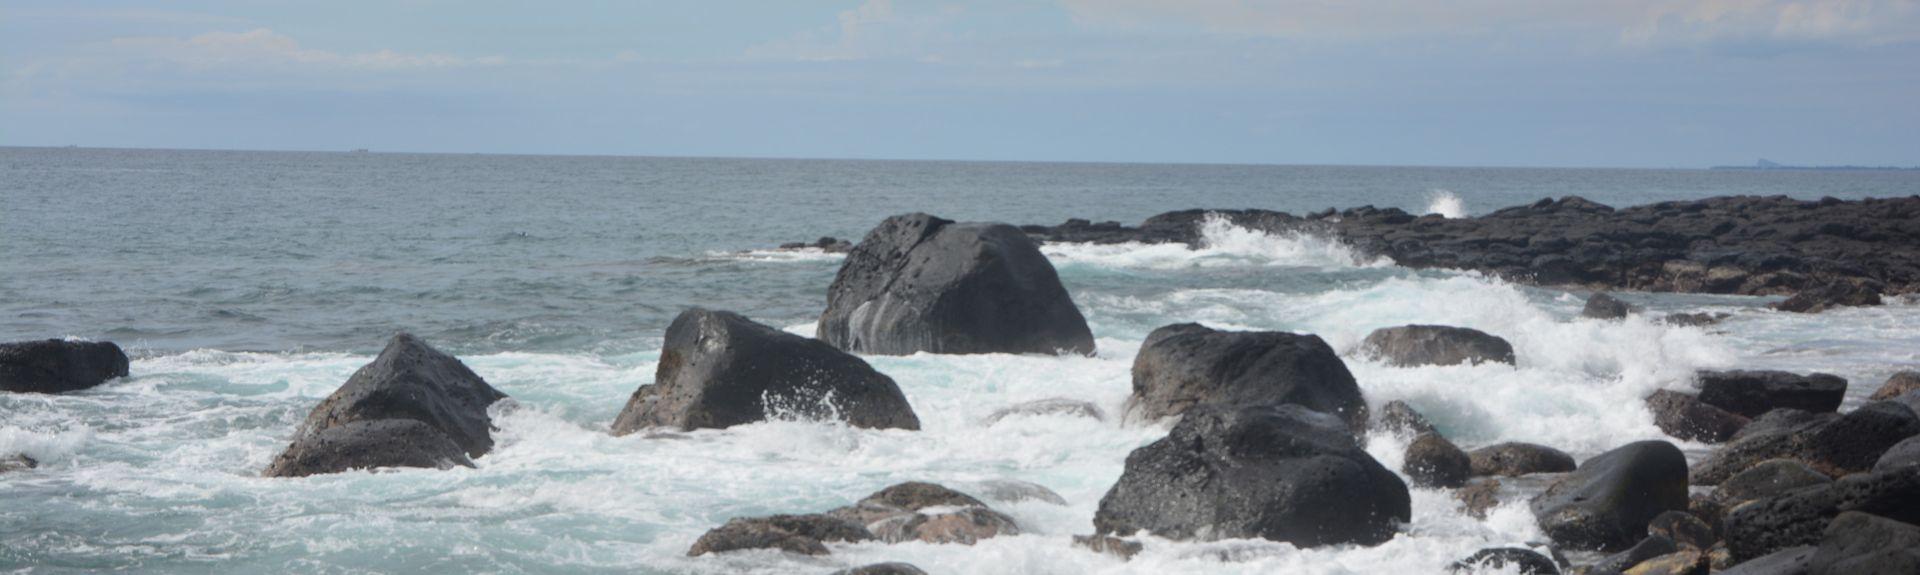 Pereybere Beach, Grand Bay, Mauritius